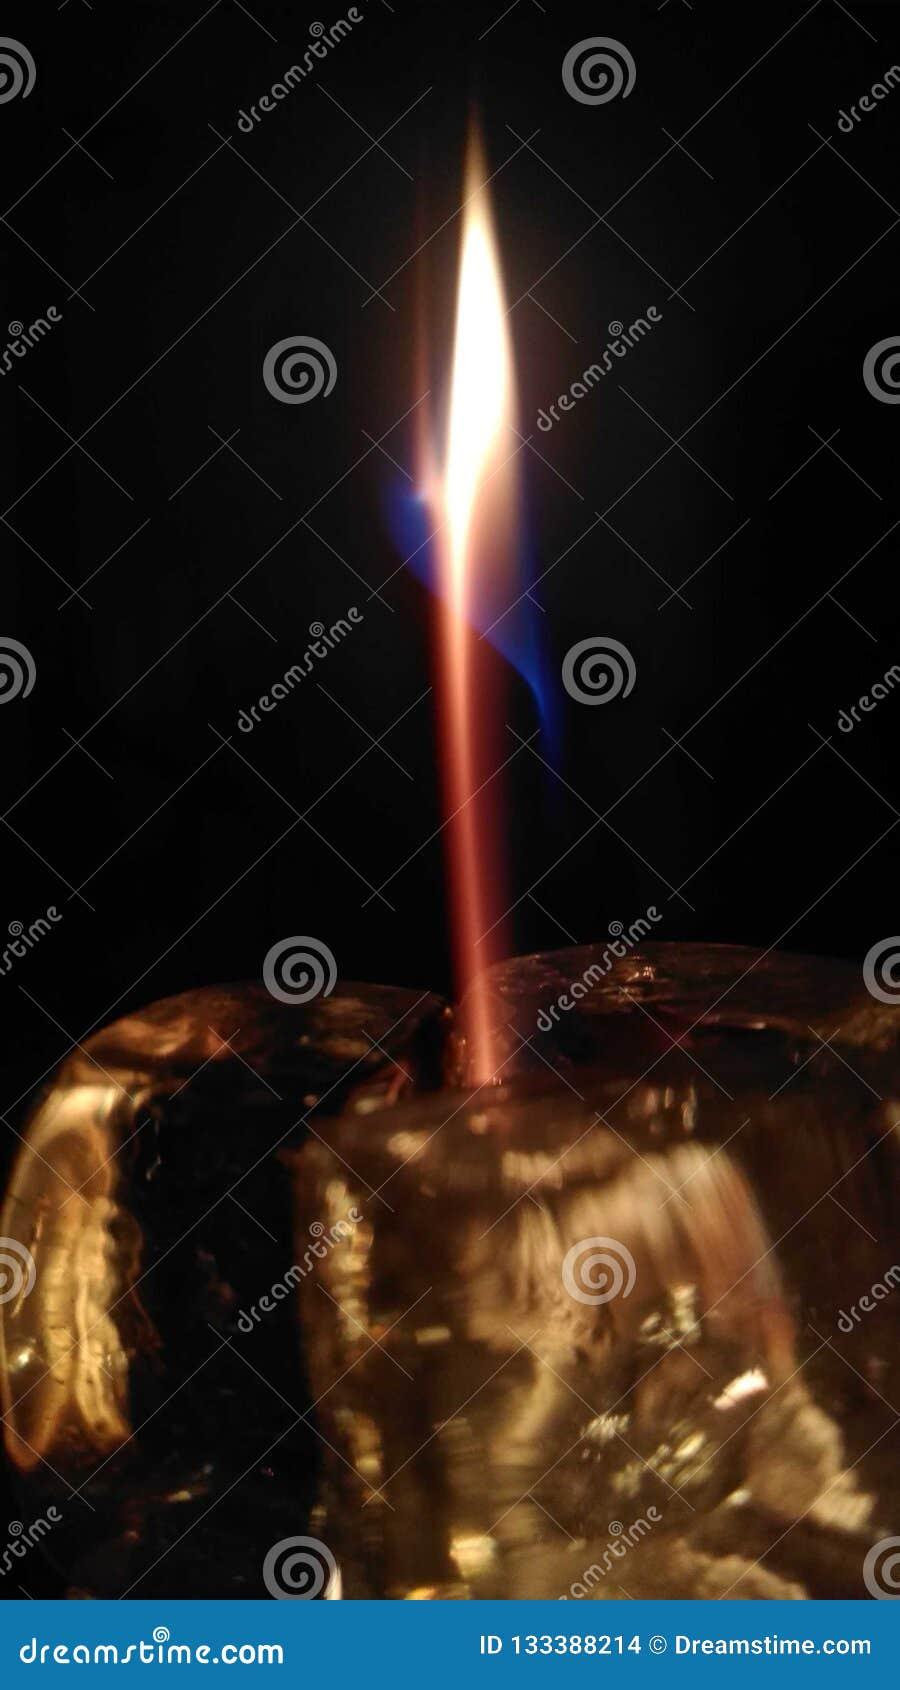 Gedistilleerde schoonheid van een nokken gevoelige vlam als blauwe rode oranje dans rond elkaar in een hypnotiserende wals